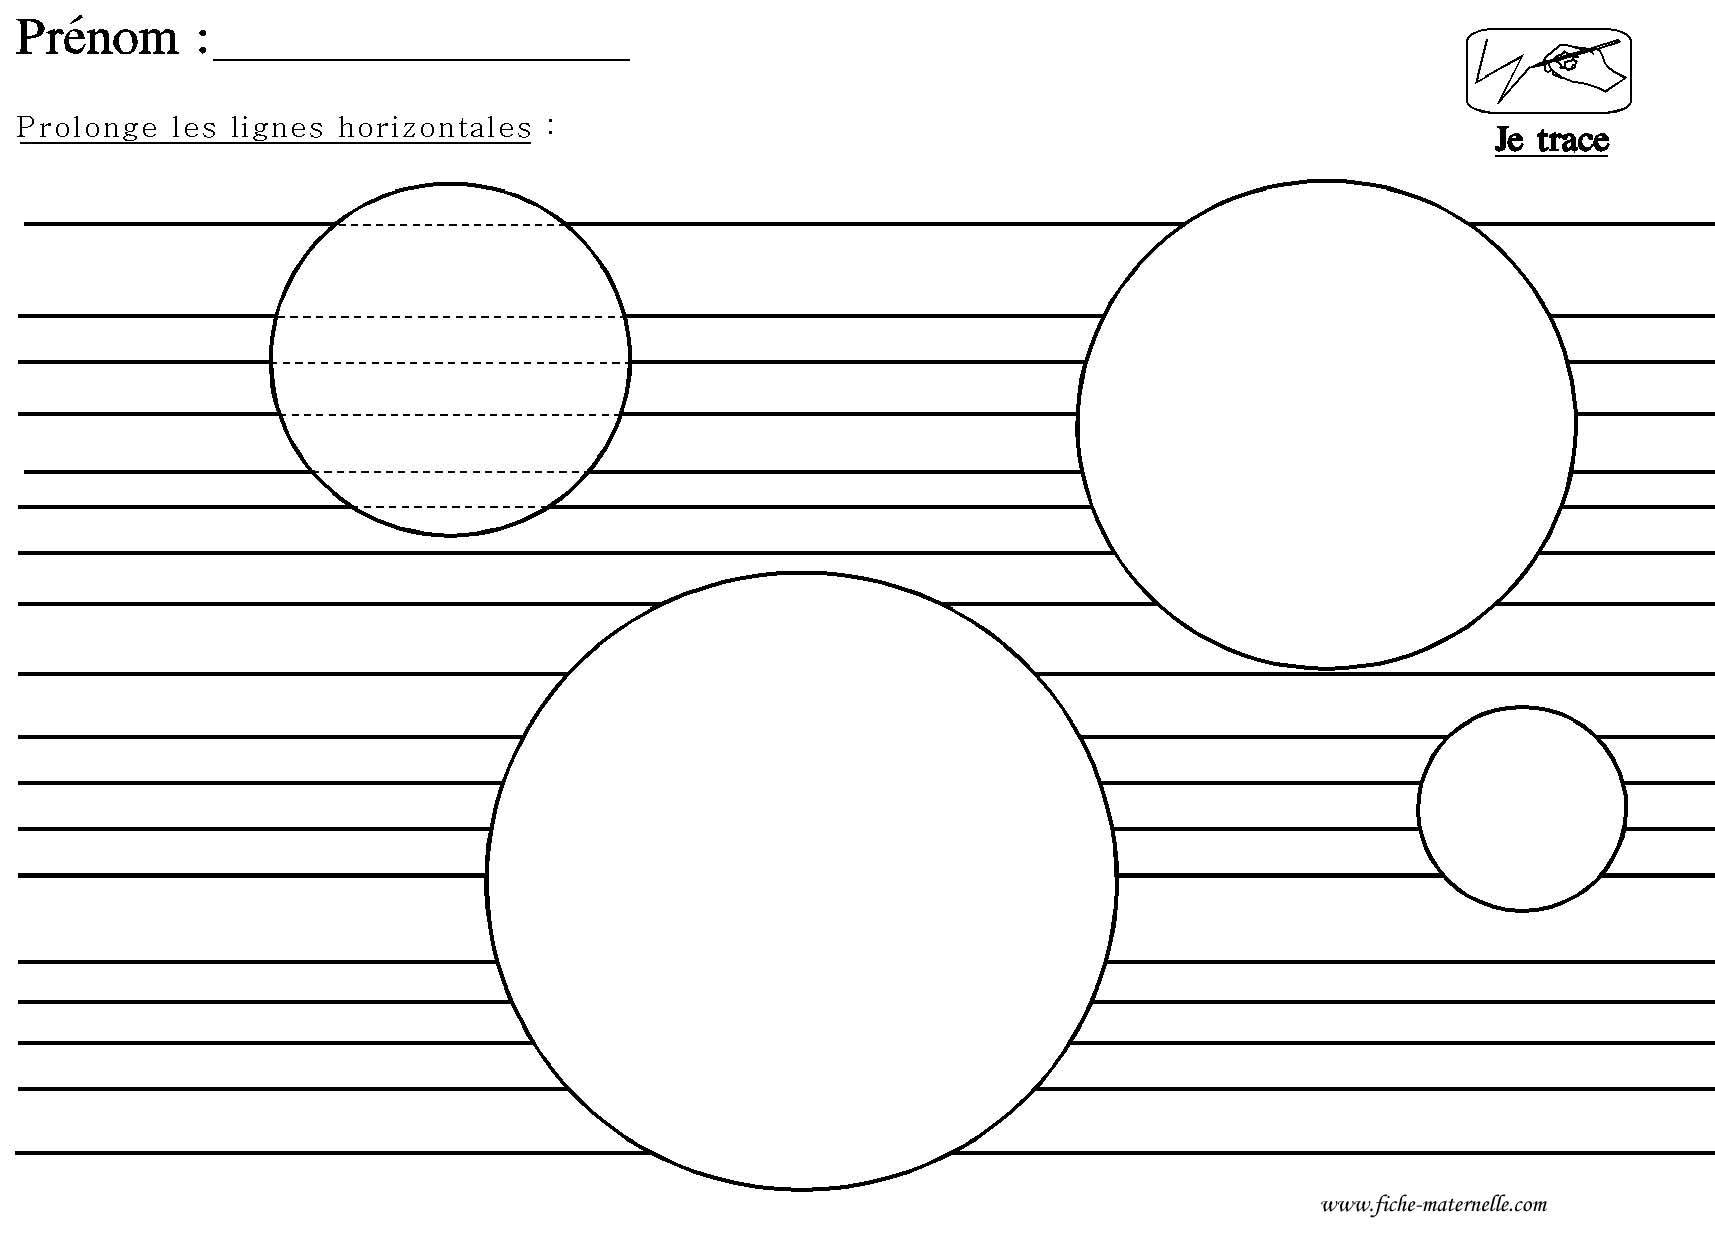 Graphisme En Maternelle : Tracer Des Lignes Horizontales destiné Graphisme Traits Verticaux